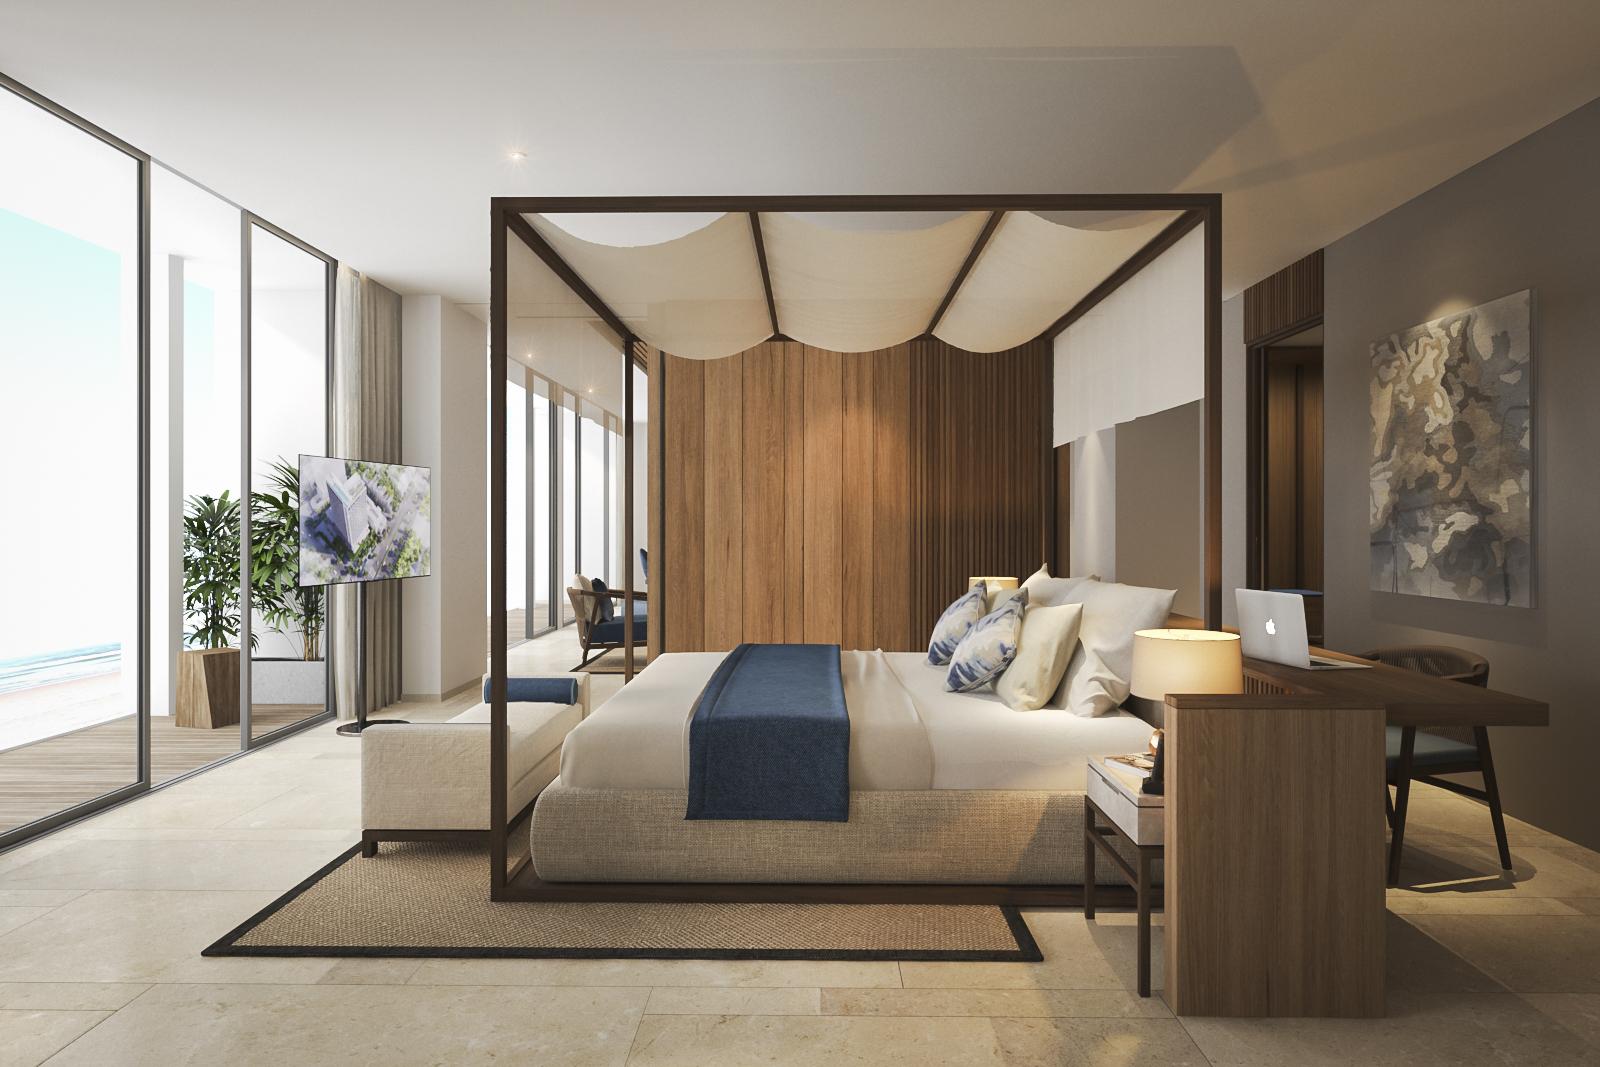 Phòng Vice Presidental Suite: loại phòng có một không hai tại khách sạn với diện tích 92m2 bao trọn vẹn cảnh biển và thành phố Quy Nhơn, ban công 15m2 rộng rãi, phòng khách lớn tiện nghi riêng biệt.- Ảnh: ANYA Premier Hotel